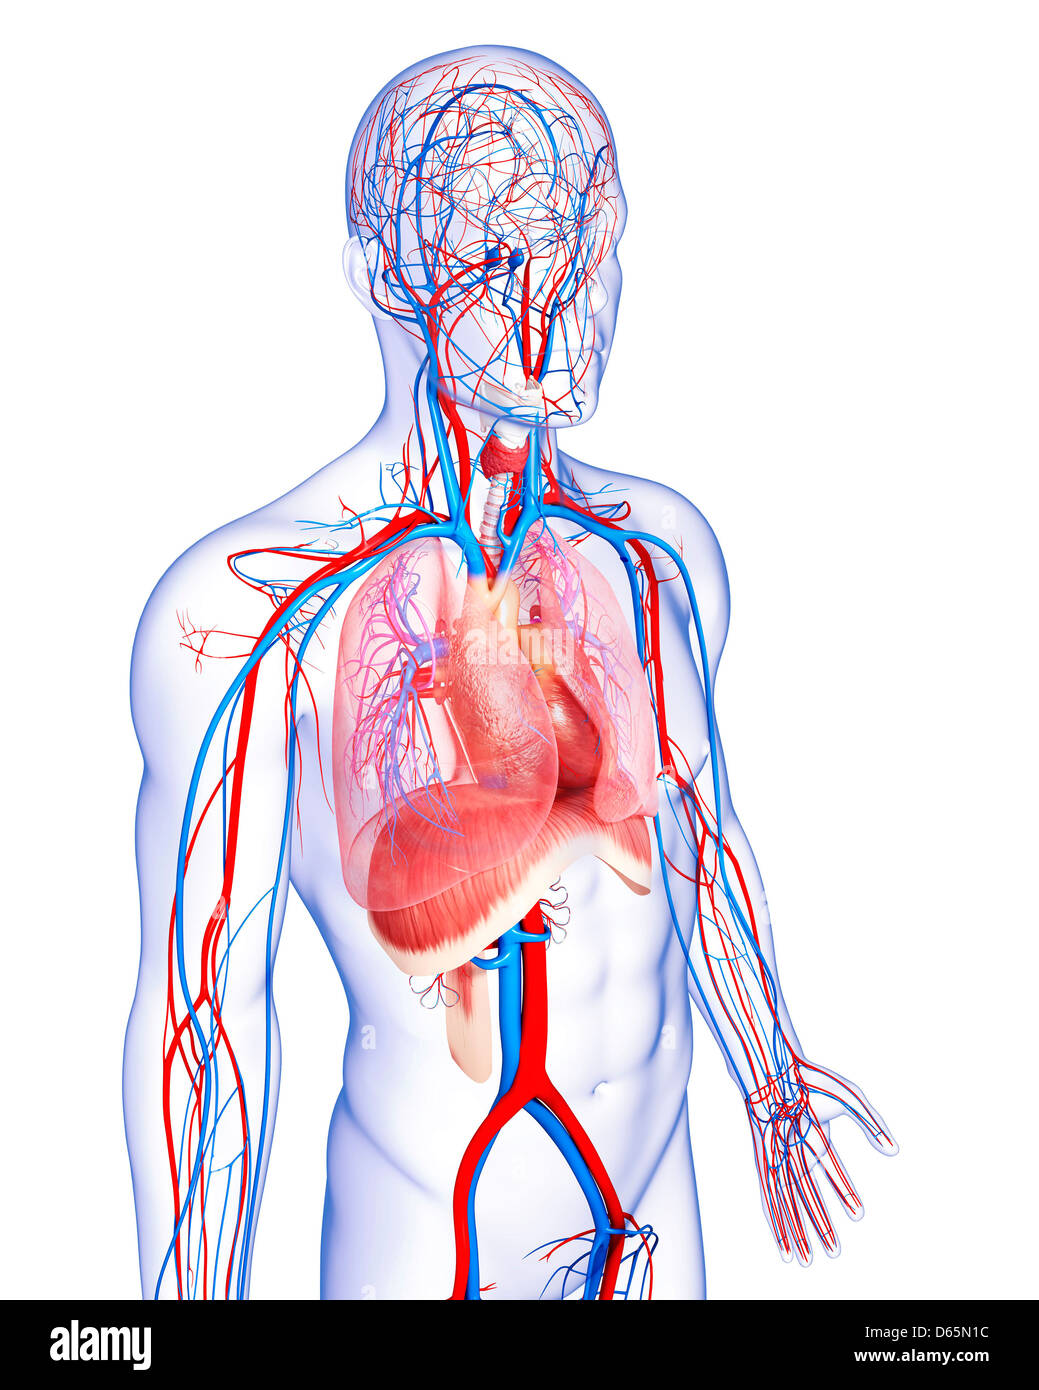 Menschliche Anatomie, artwork Stockfoto, Bild: 55445304 - Alamy